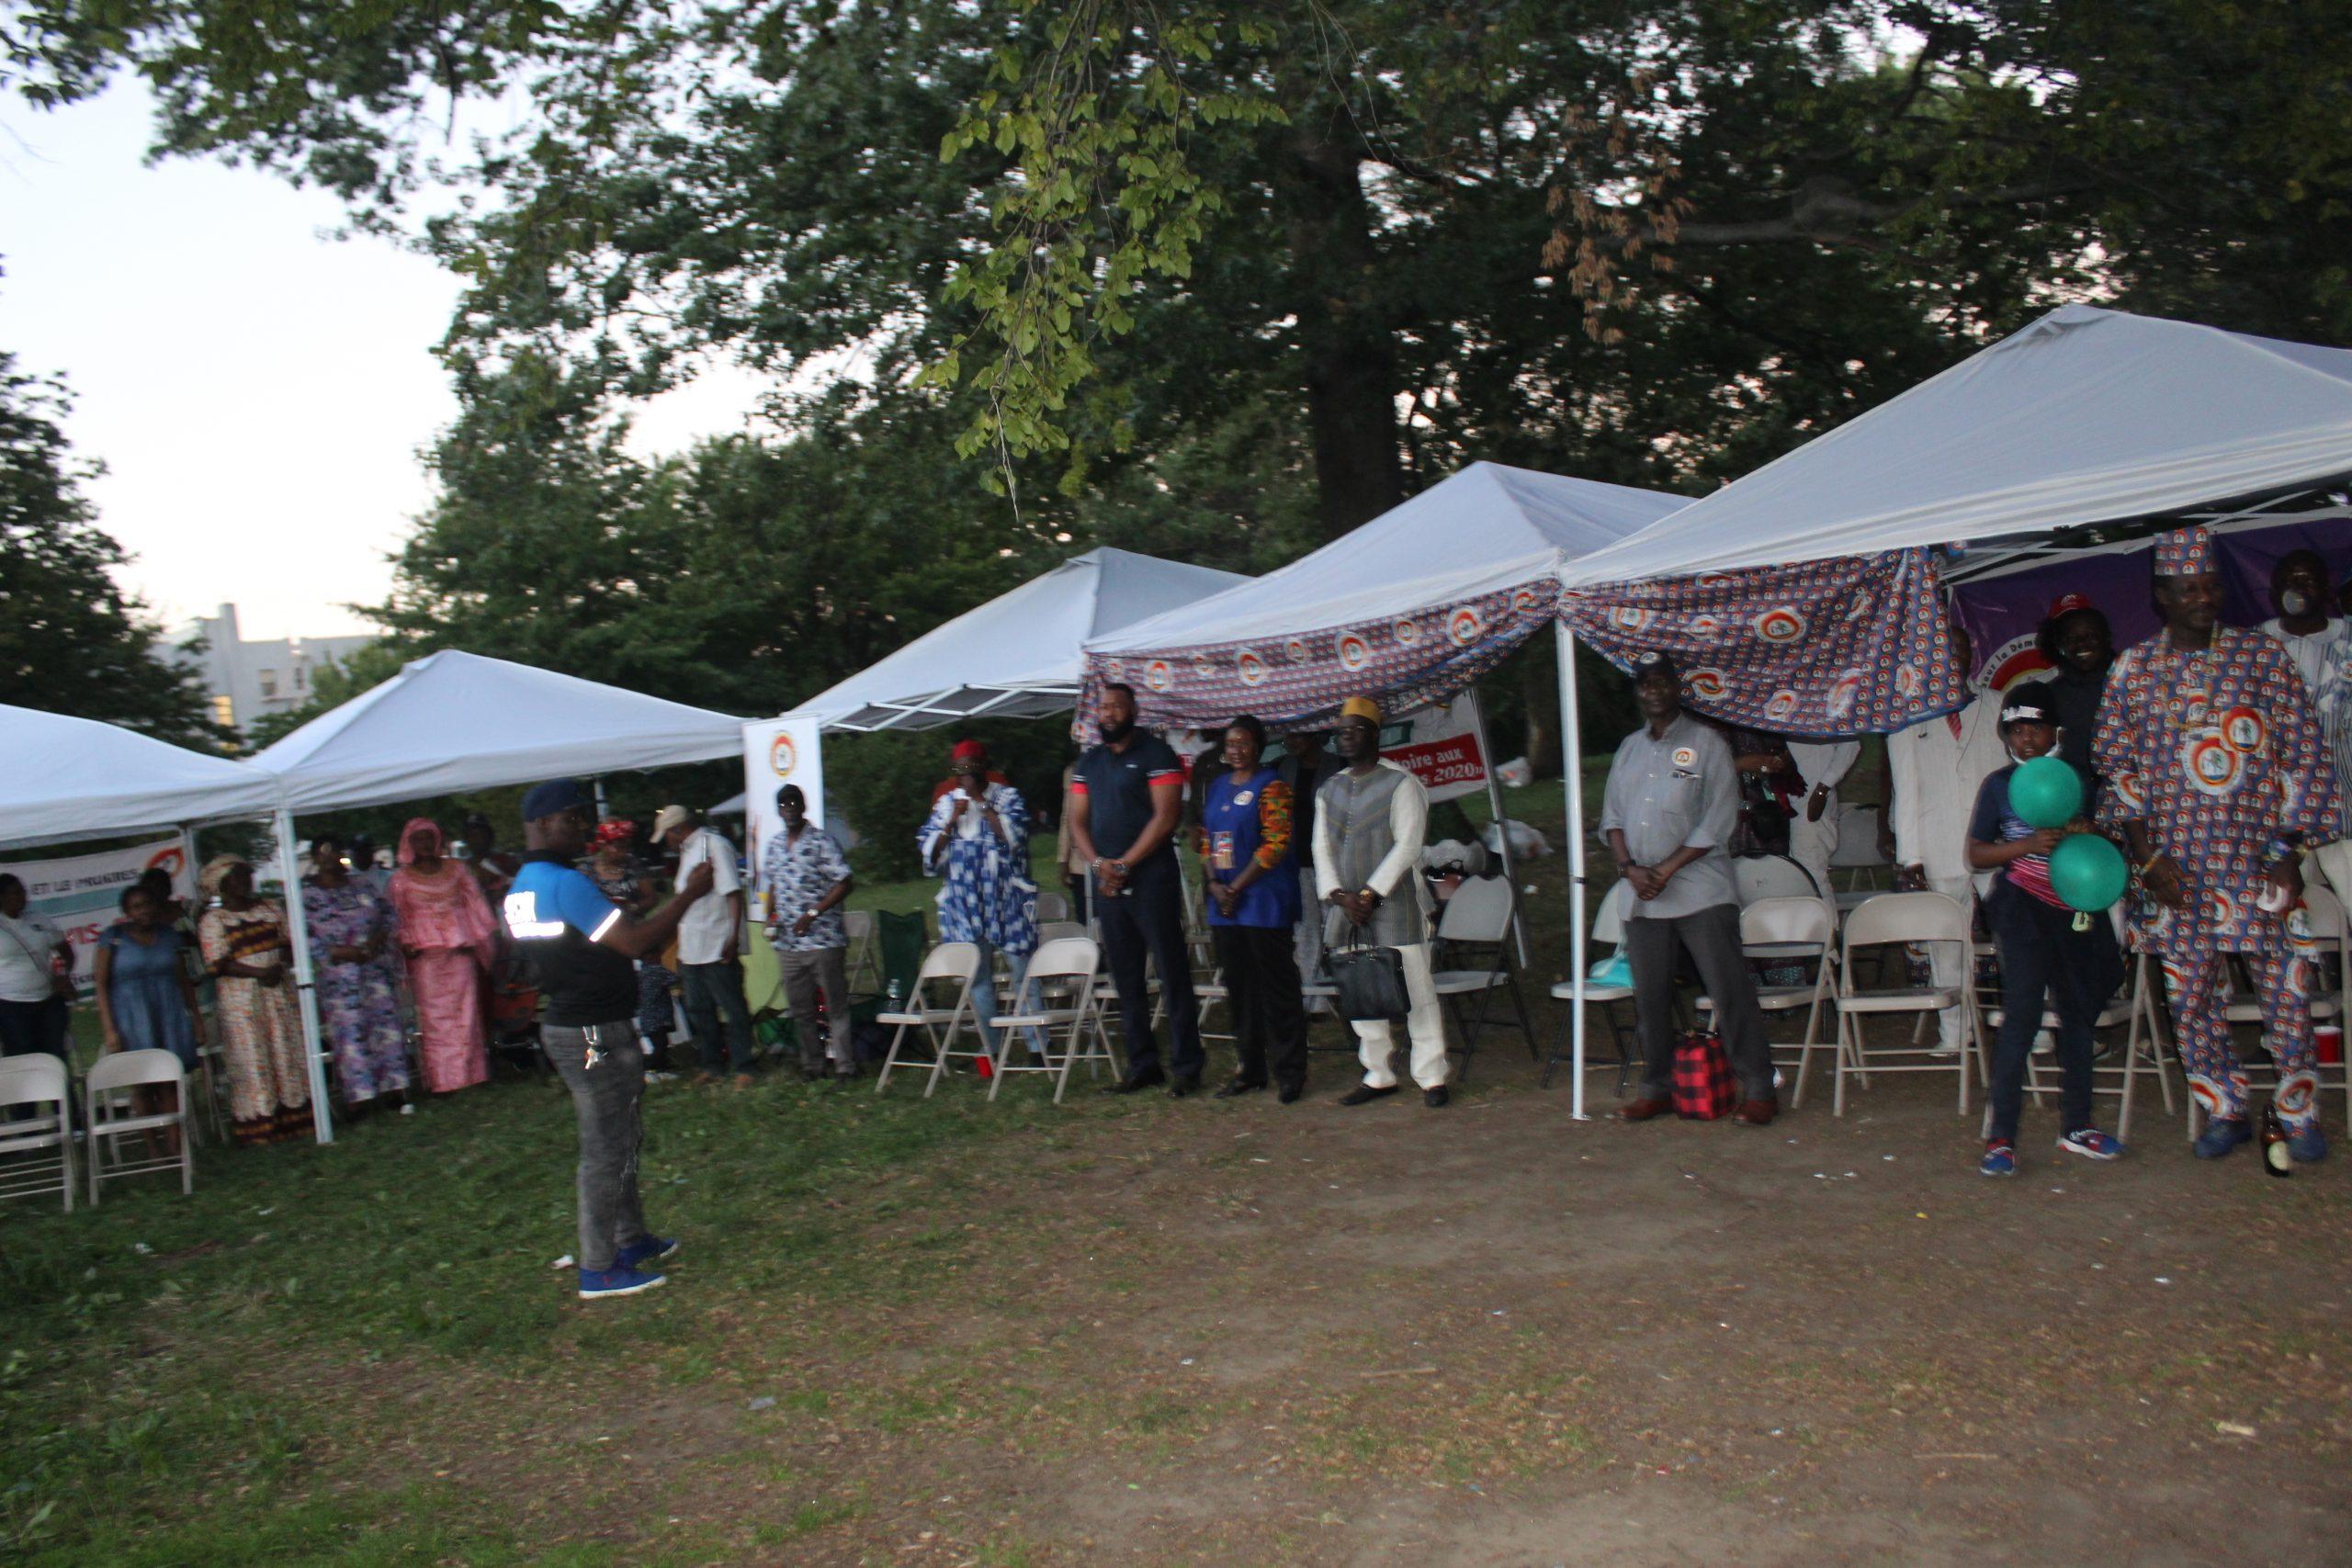 New York: Le CDP a organisé  un barbecue au relent politique